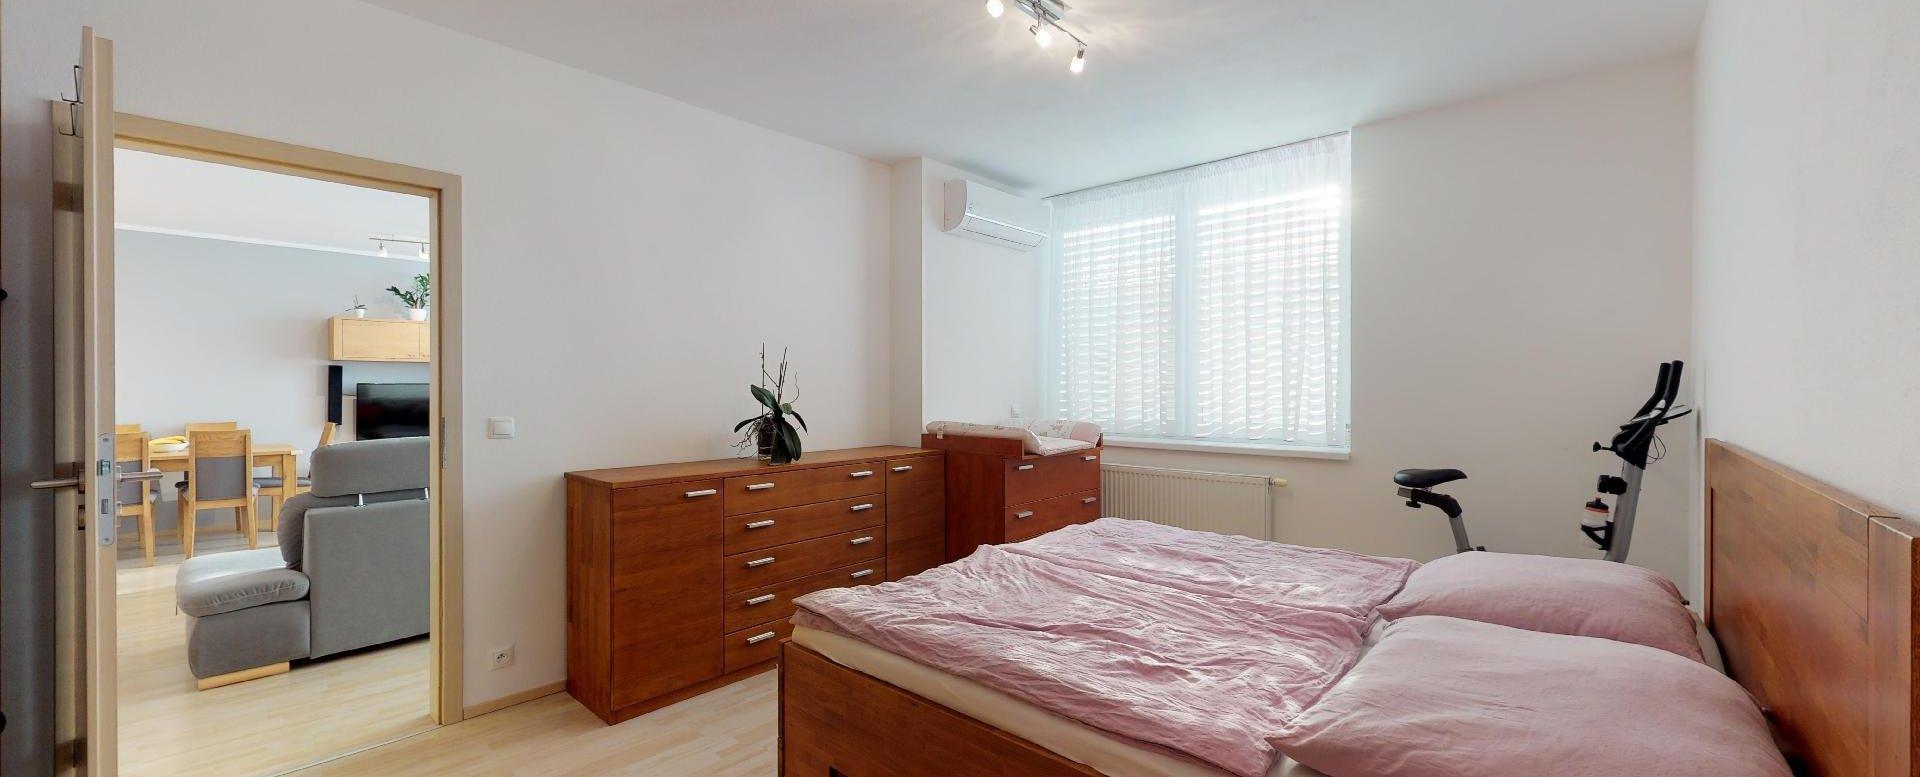 manželská posteľ a klimatizácia v spálni